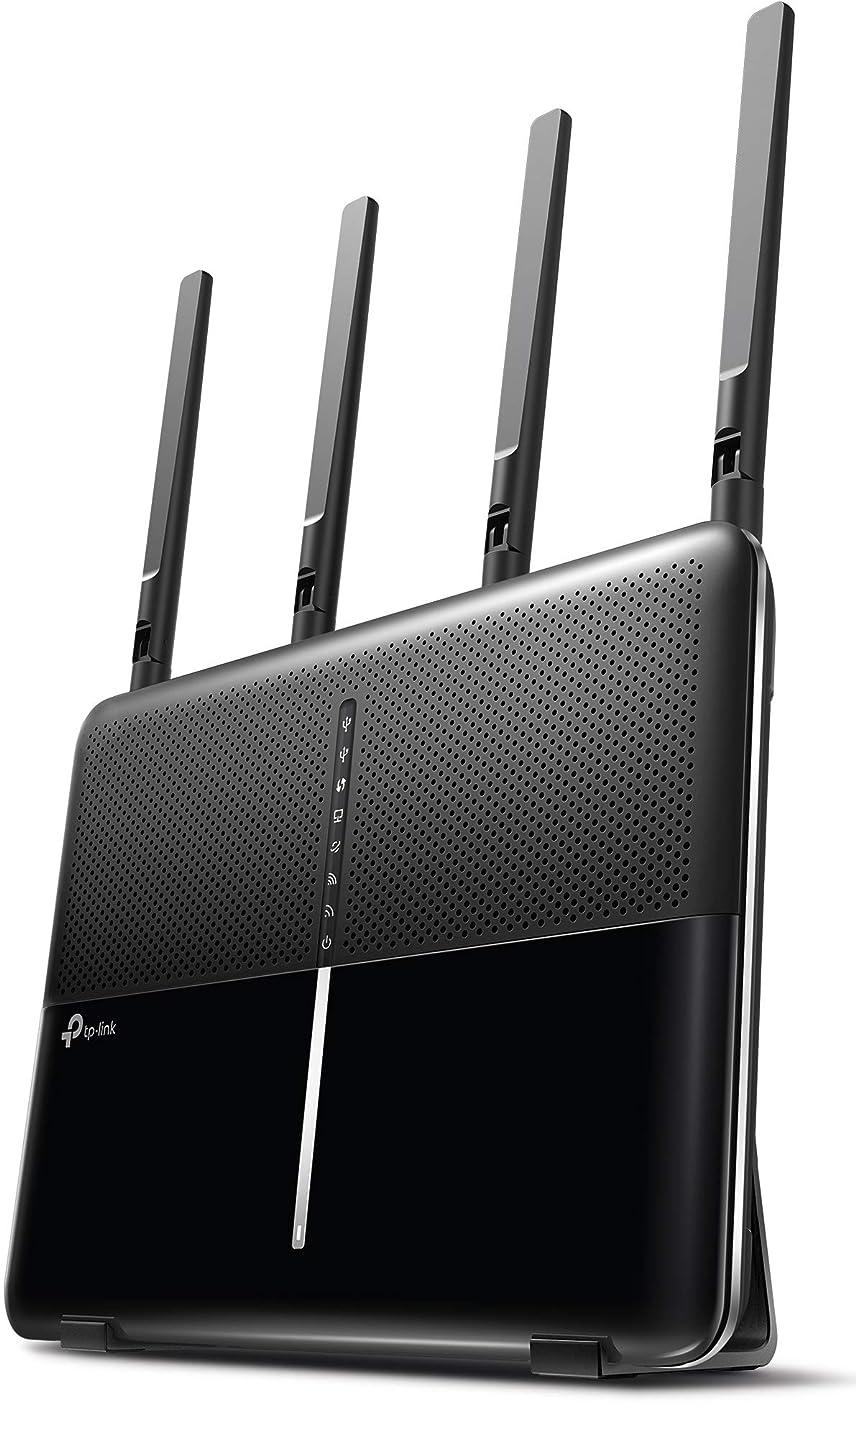 アクティブ発信カッターTP-Link WiFi ルーター 2167 + 1000 Mbps 無線LAN セキュリティ搭載 フルギガポート Archer C3150 + 【ルーター用縦置きスタンド】